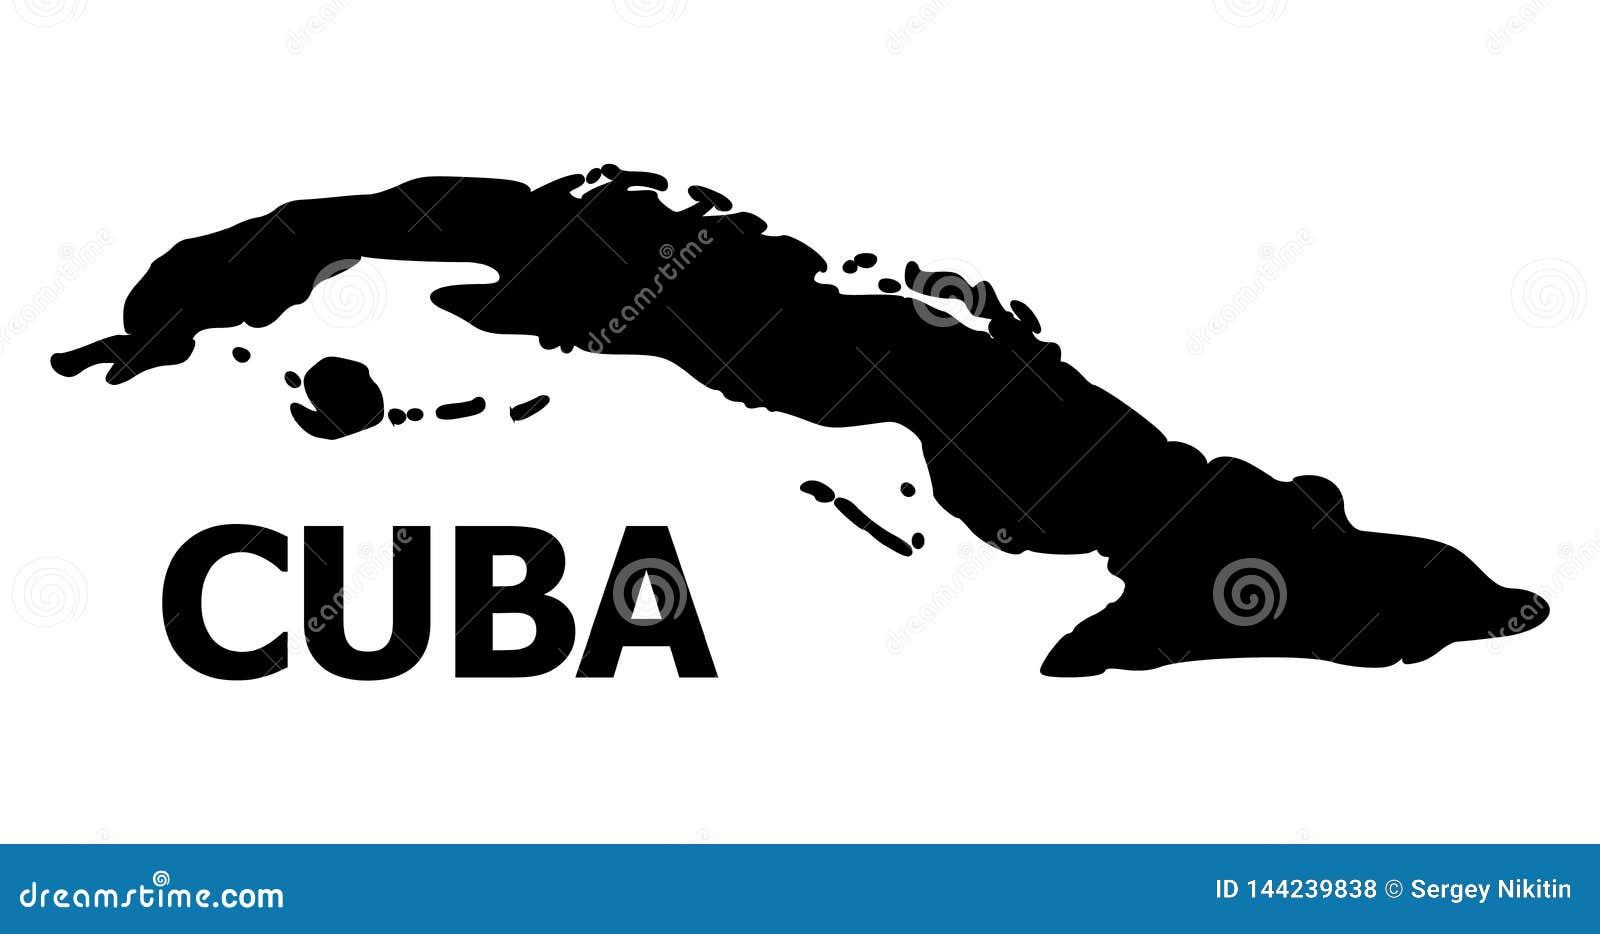 Διανυσματικός επίπεδος χάρτης της Κούβας με τον τίτλο